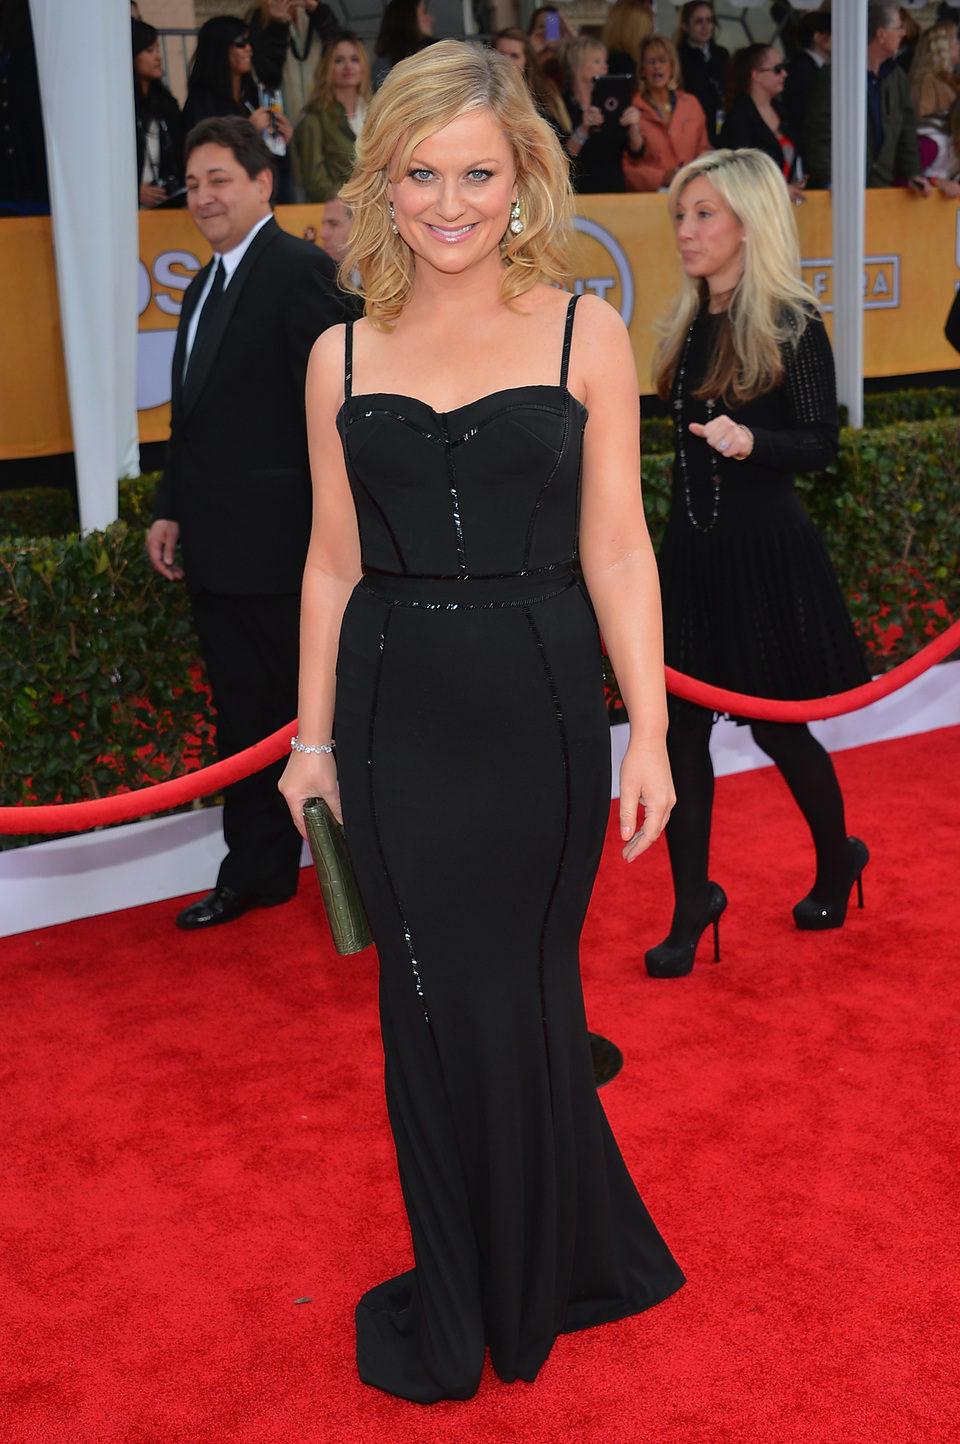 Amy Poehler en la alfombra roja de los Screen Actors Guild Awards 2013